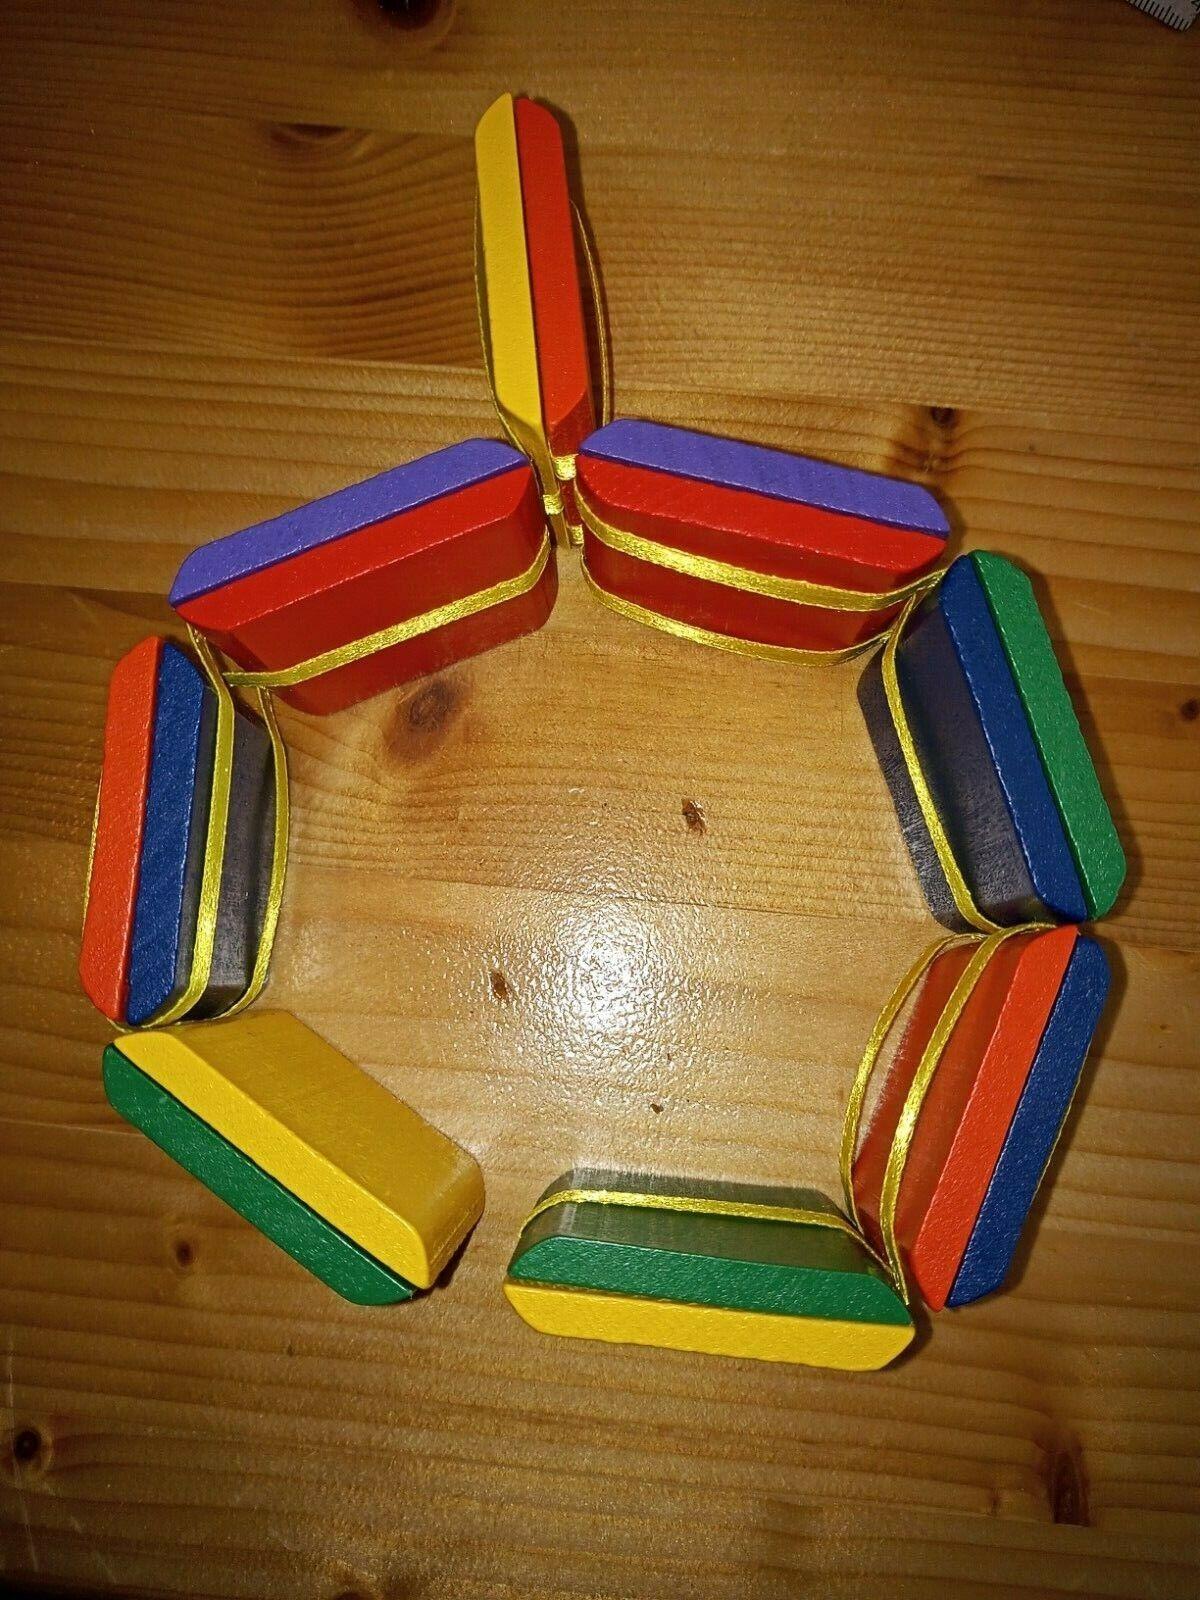 Jakobsleiter Spielzeug, Klick Klack, Magische Tabletten, Folk Spielzeug aus Holz